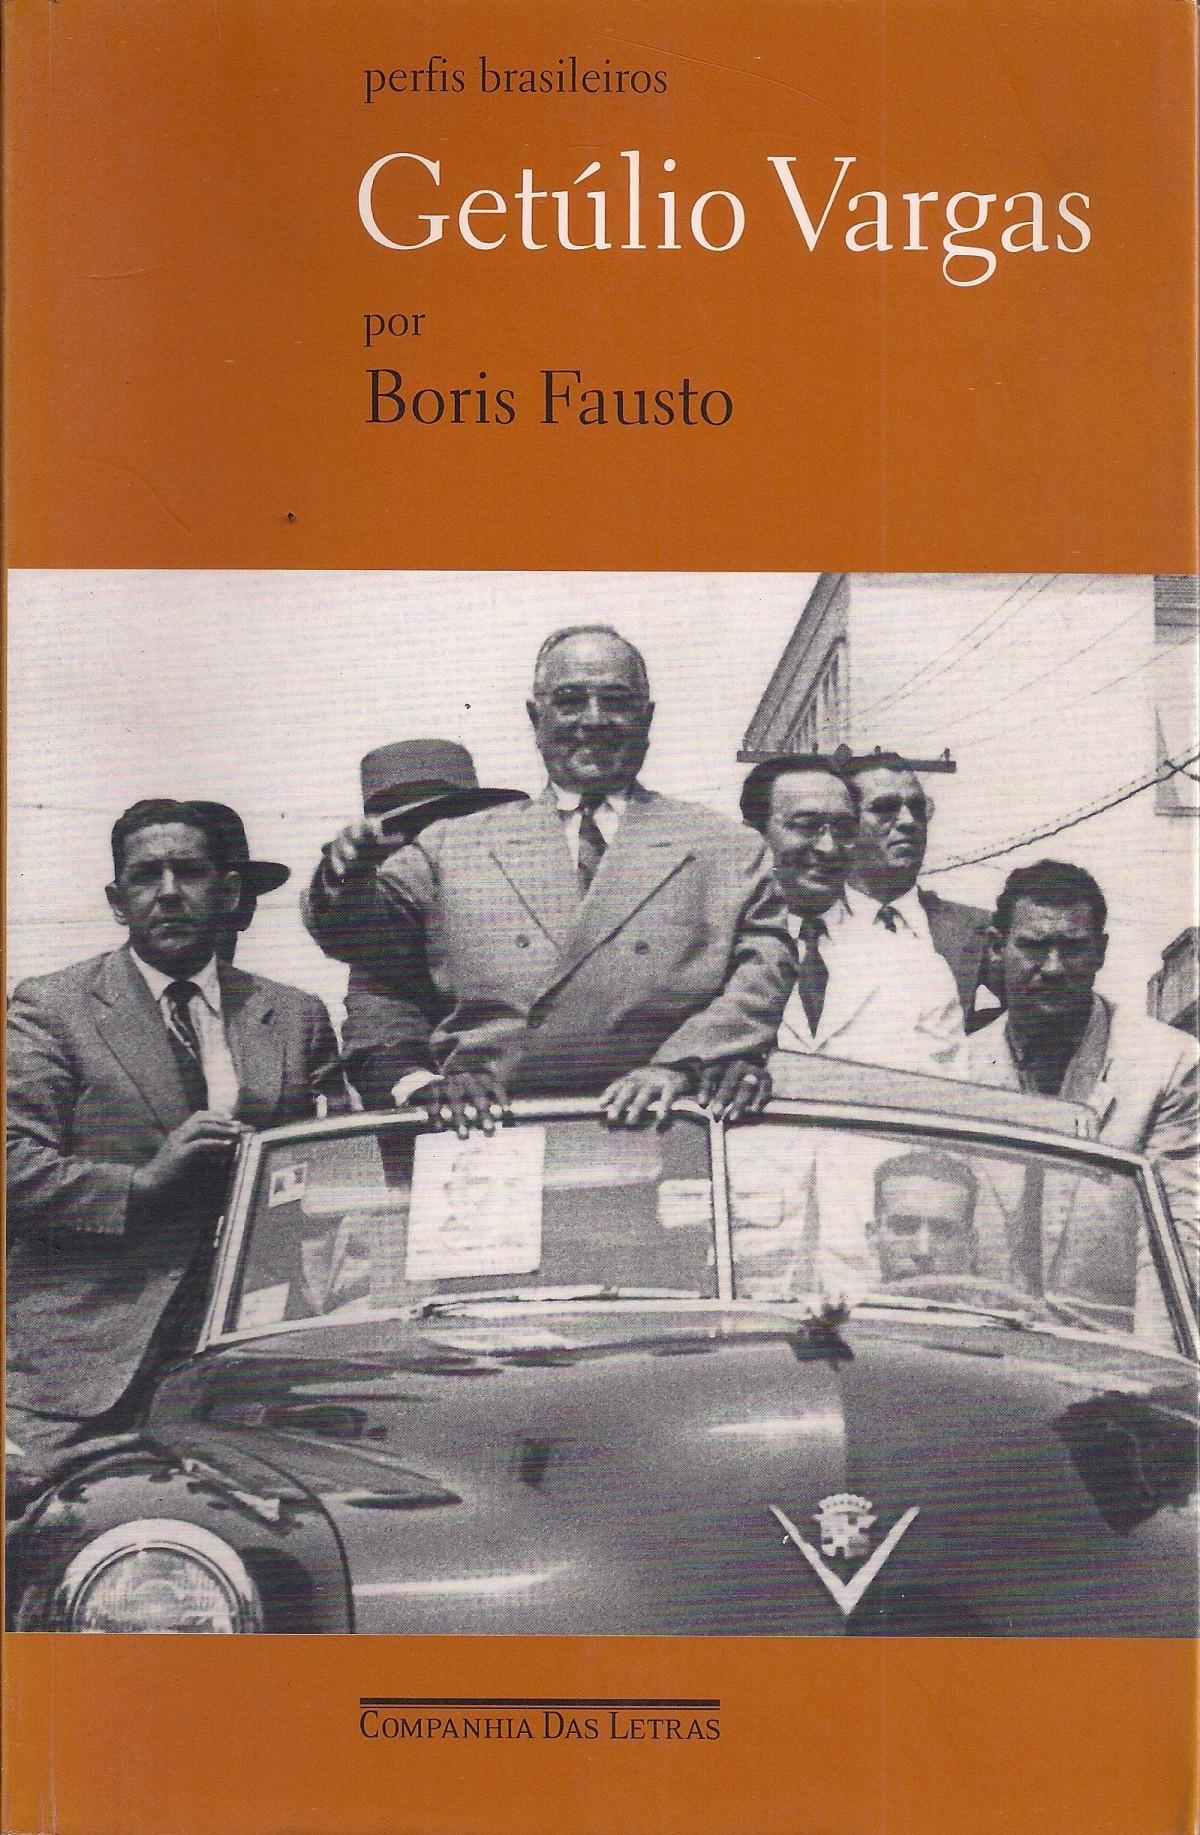 Foto 1 - Perfis Brasileiros - Getúlio Vargas